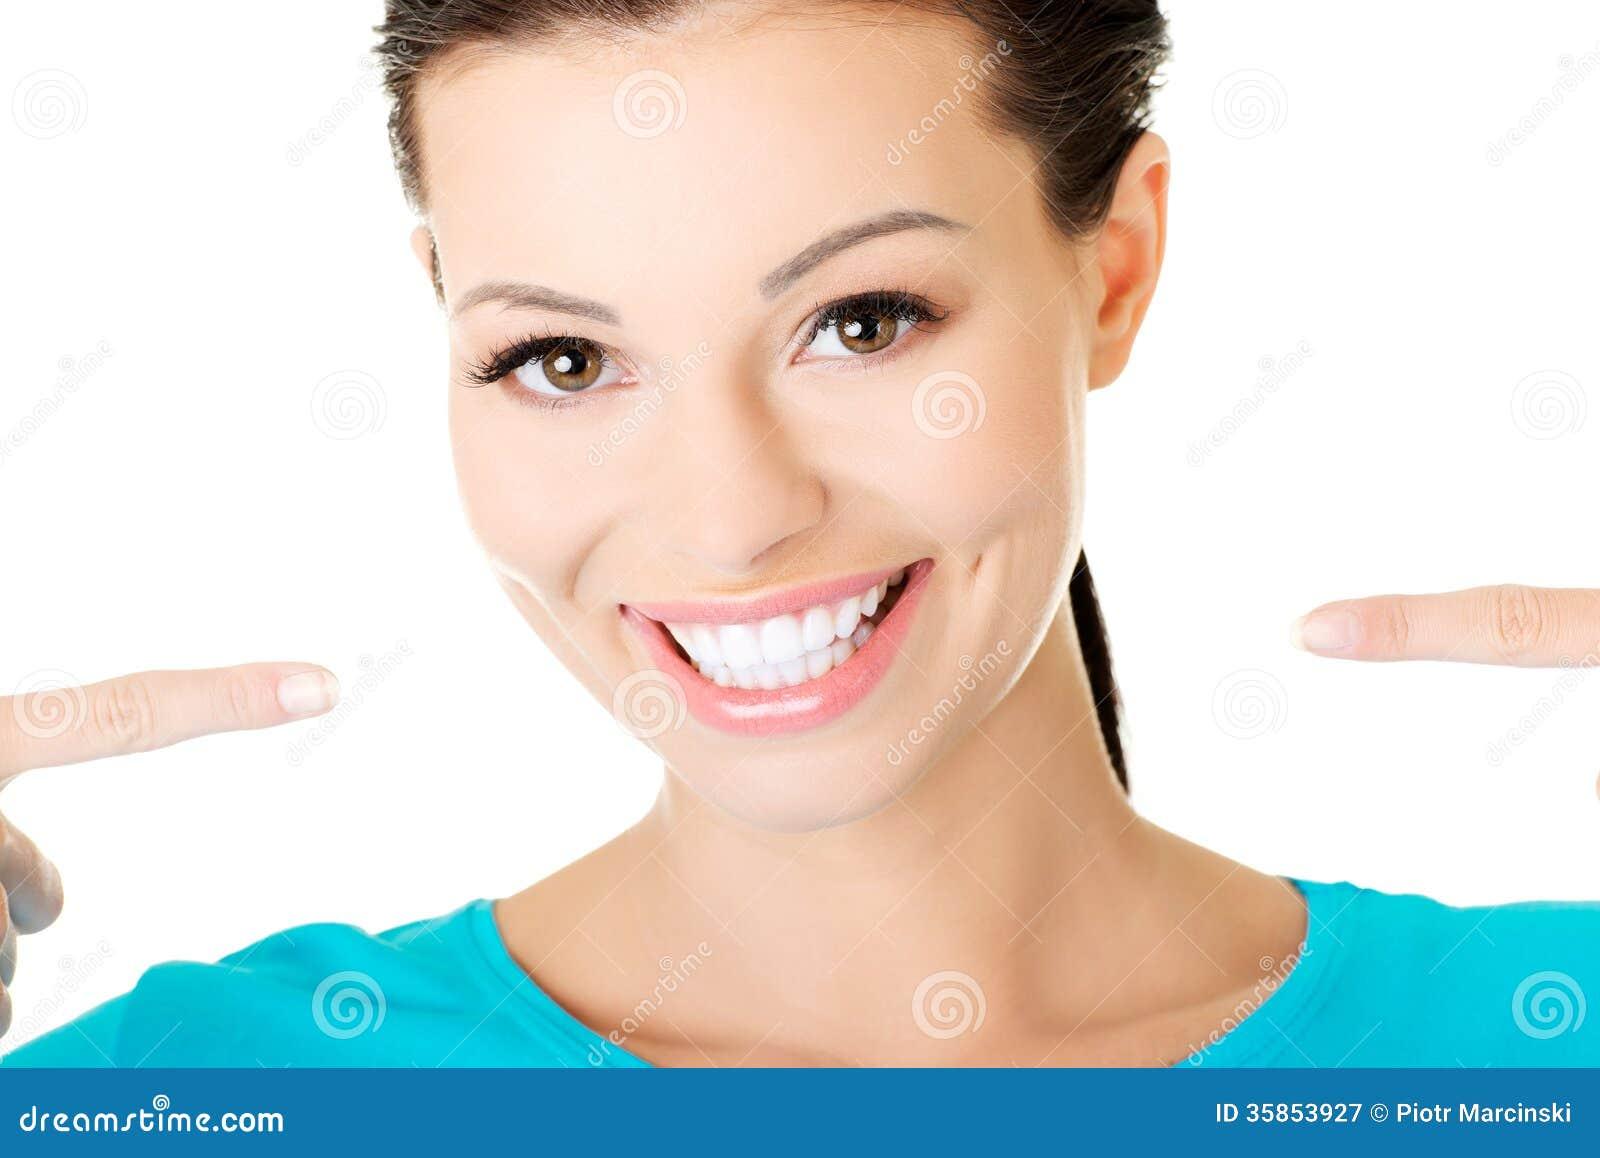 Piękna przypadkowa kobieta pokazuje ona perfect białych zęby.